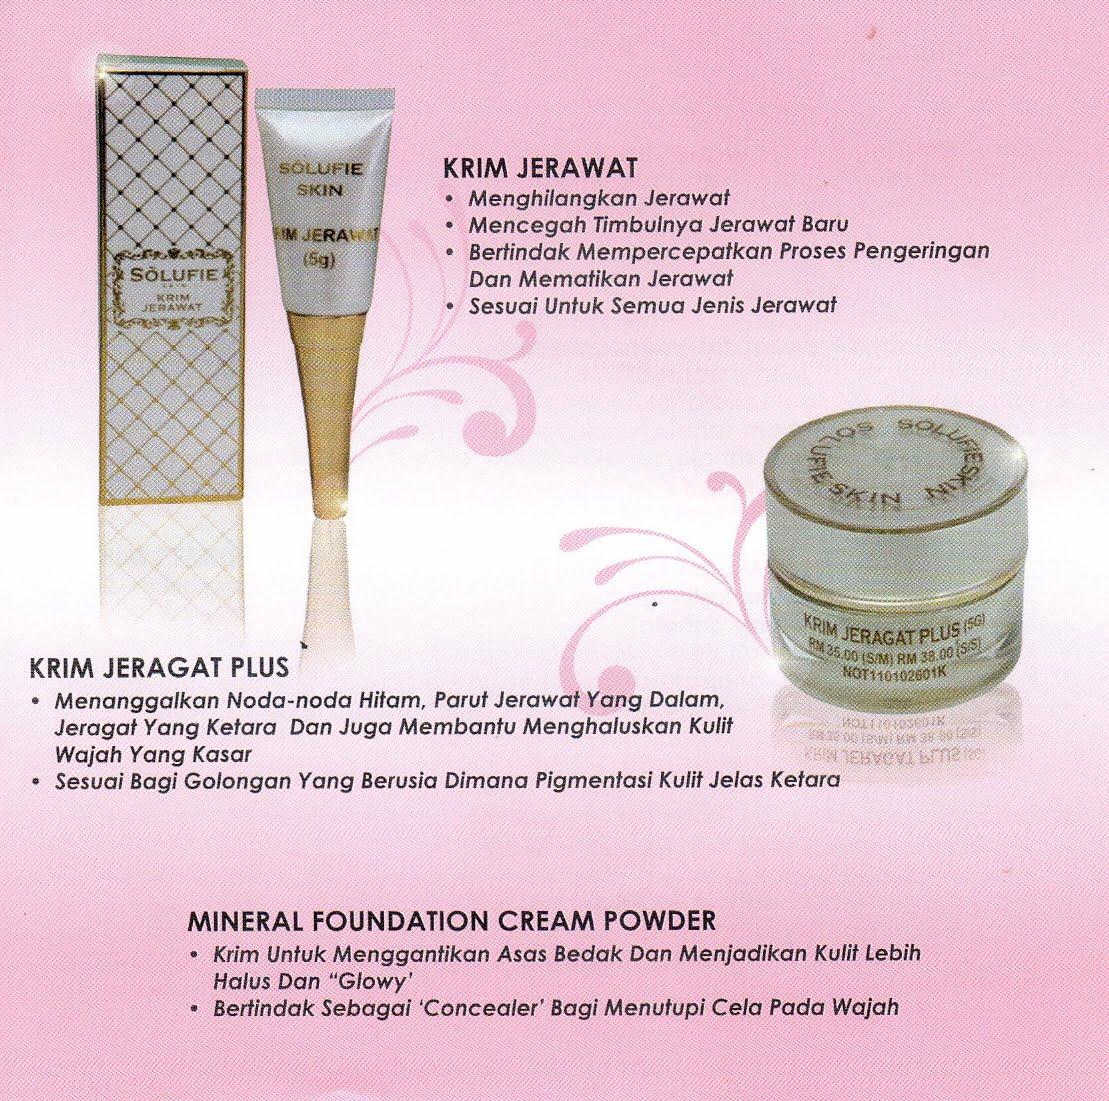 Skin Care Penghilang Jerawat: Solufie Skin Care: Krim Jerawat / Krim Jeragat Plus